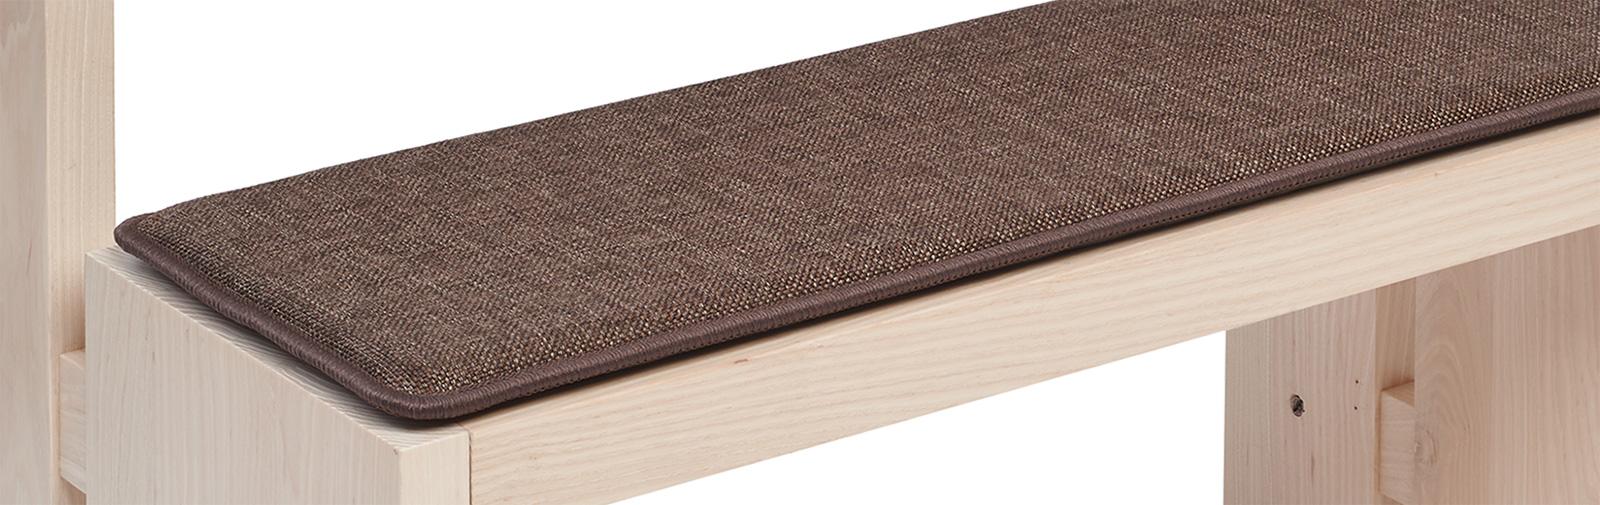 banque échantillon coussin Bankauflage Verano code couleur 629 couleur brun